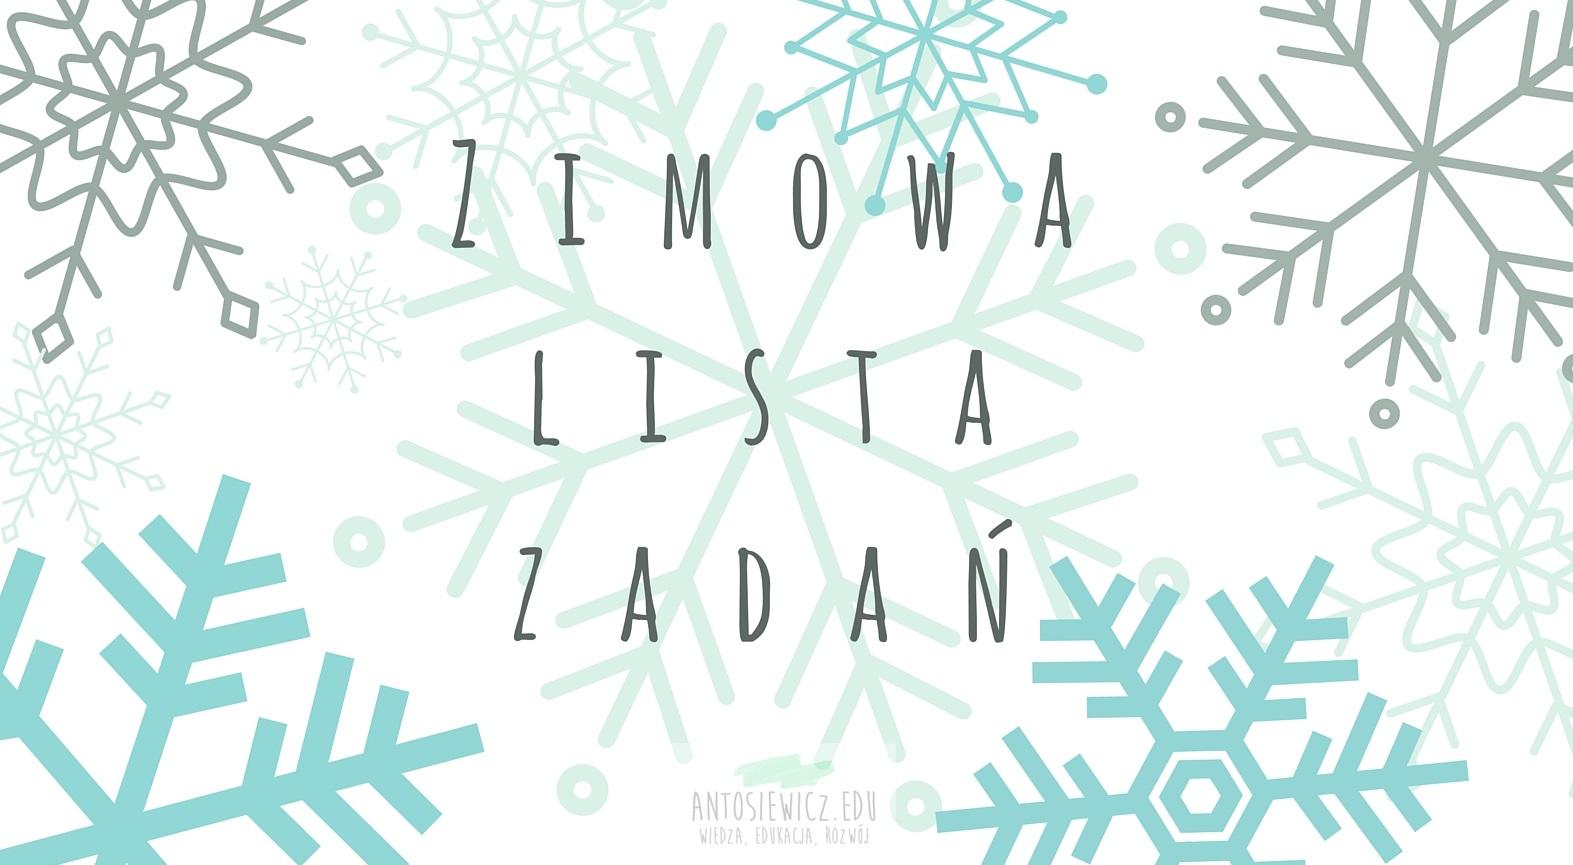 zimowa lista zadań_ow